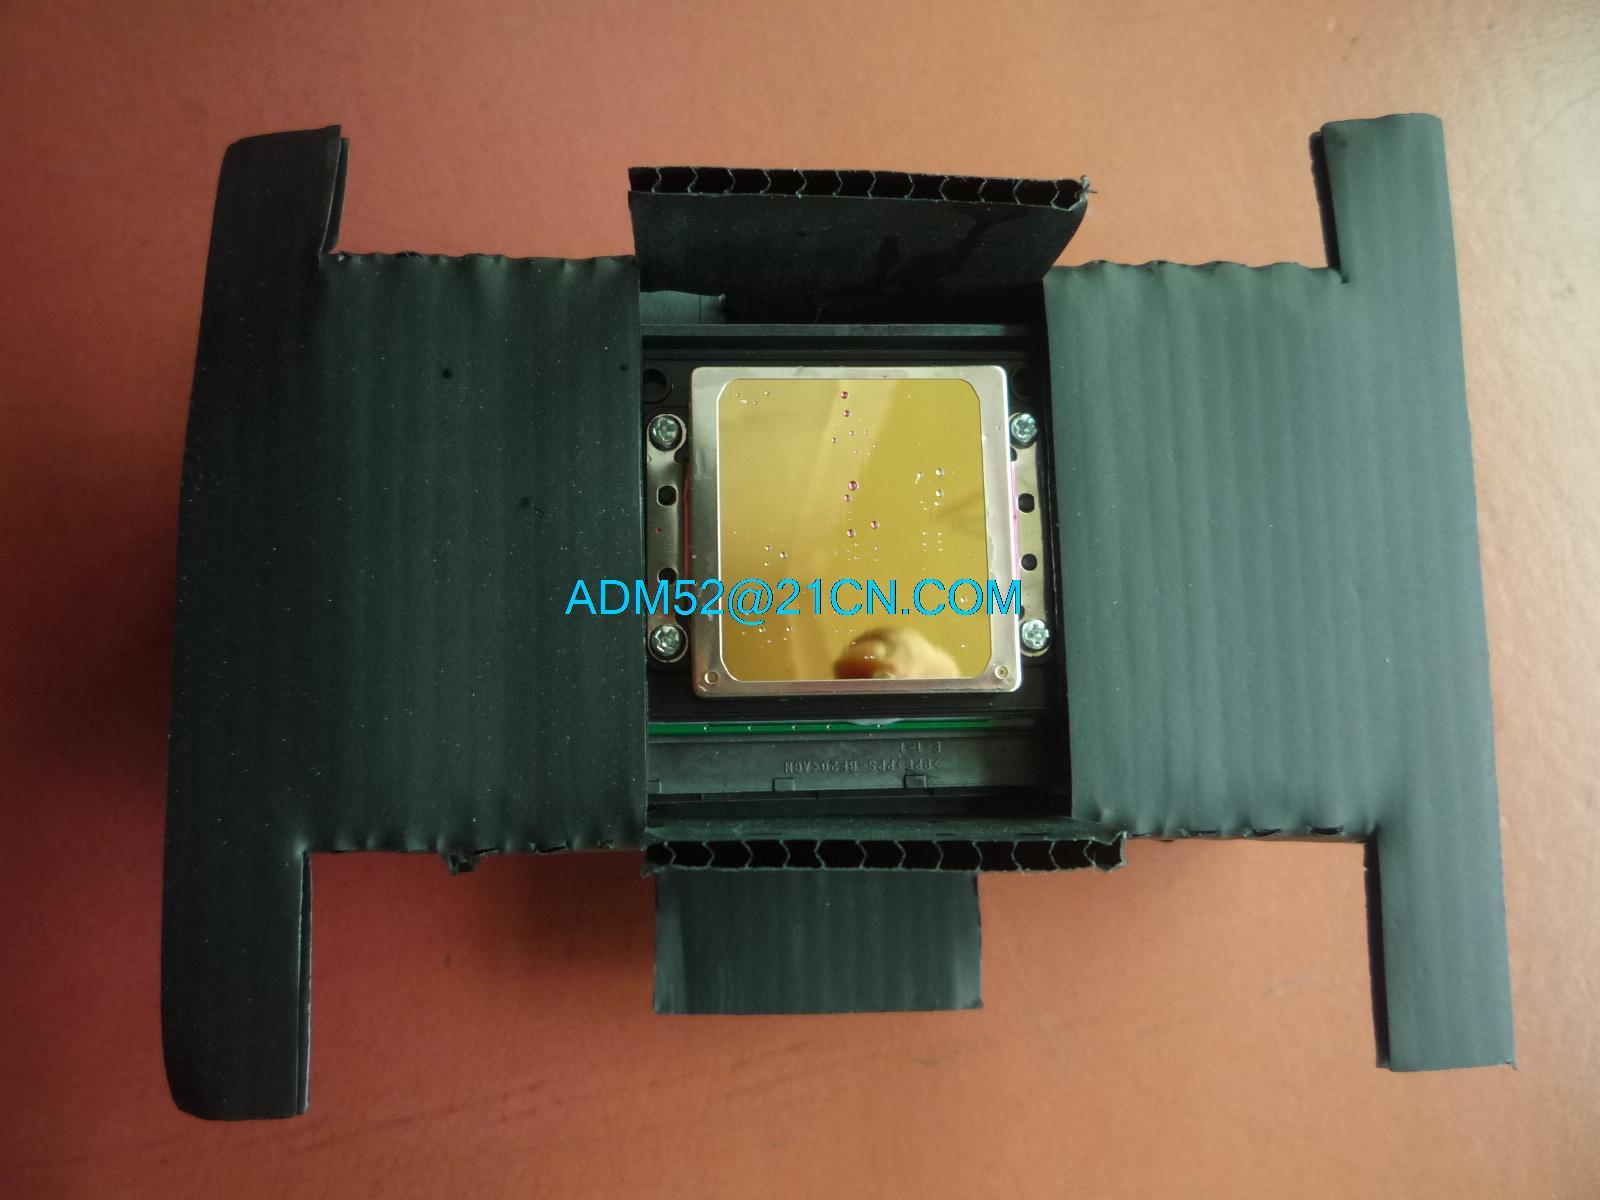 Tête d'impression nouvelle et originale pour tête d'impression EPSON XP750 XP760 XP710 XP720 XP600 XP601 XP605 XP615